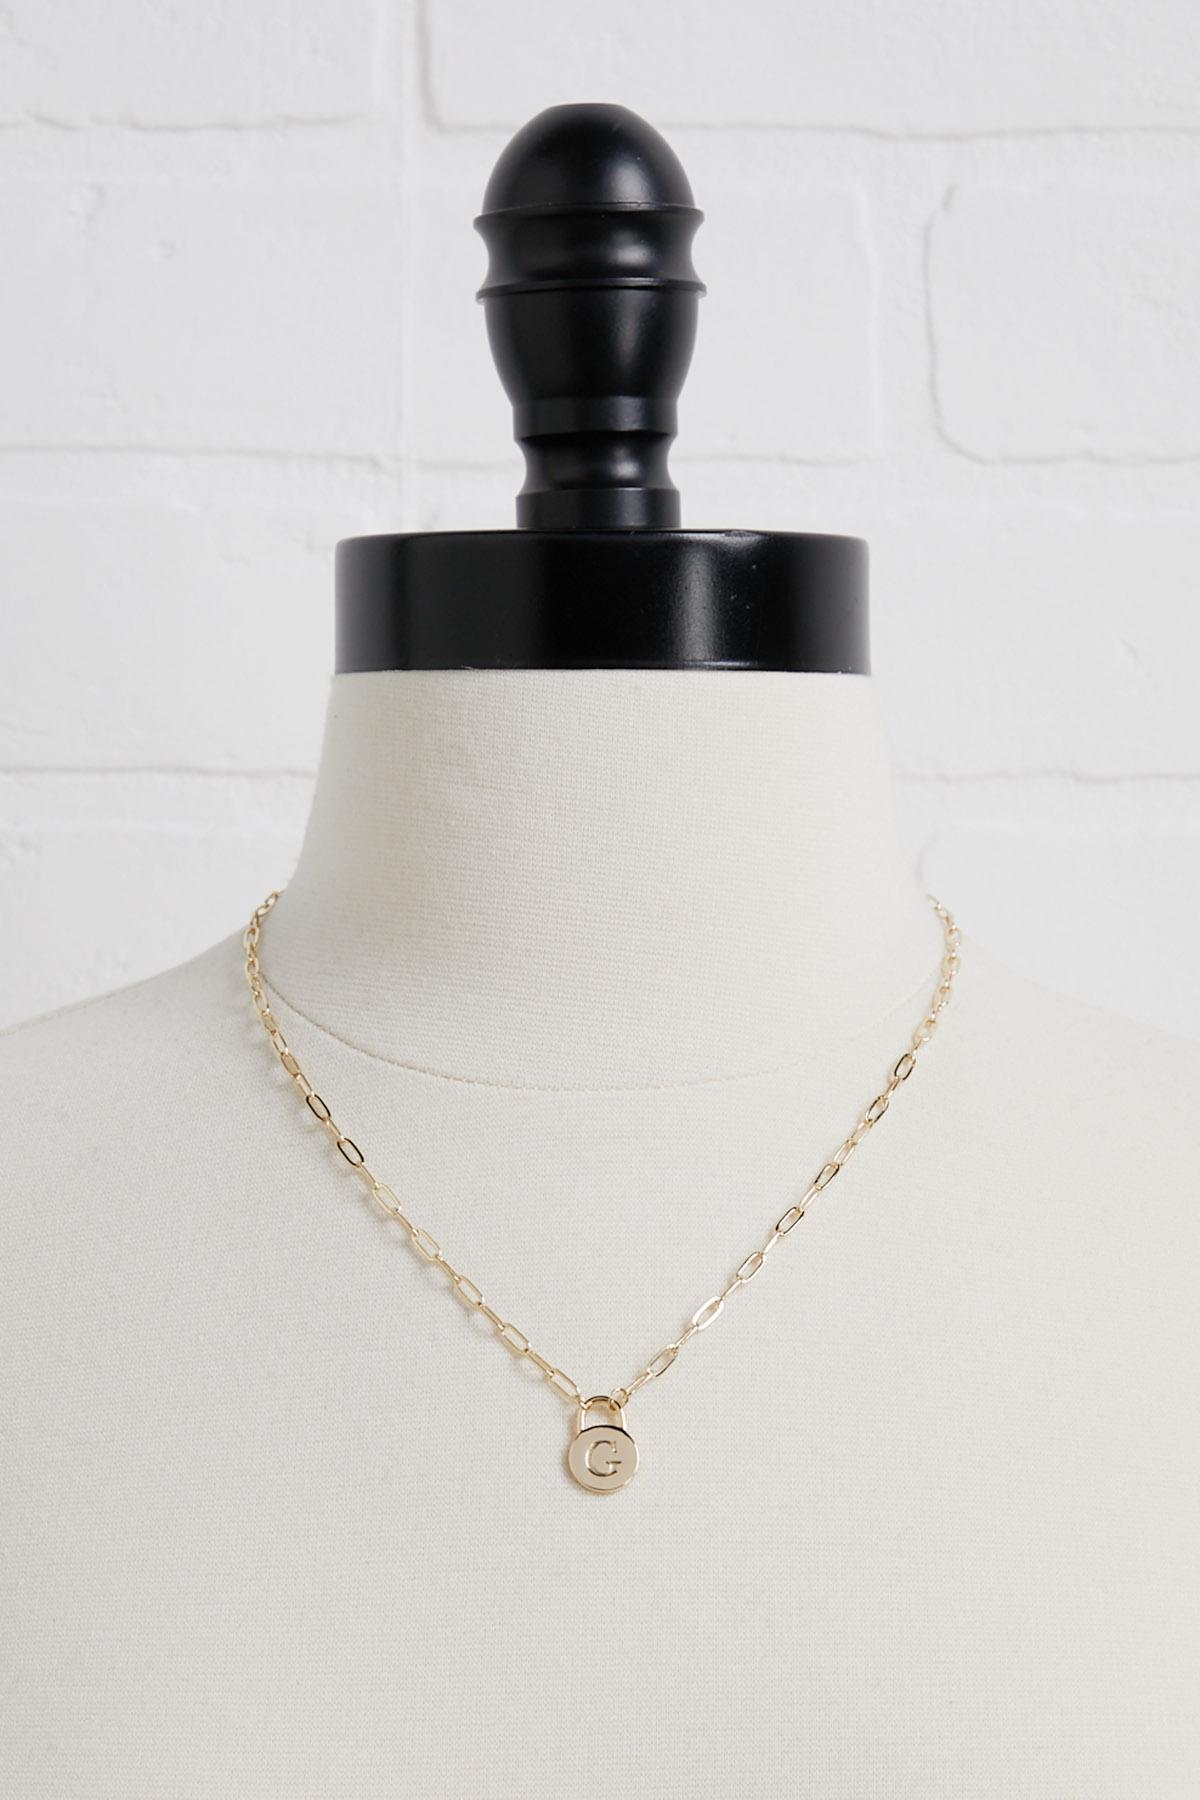 18k G Pendant Necklace